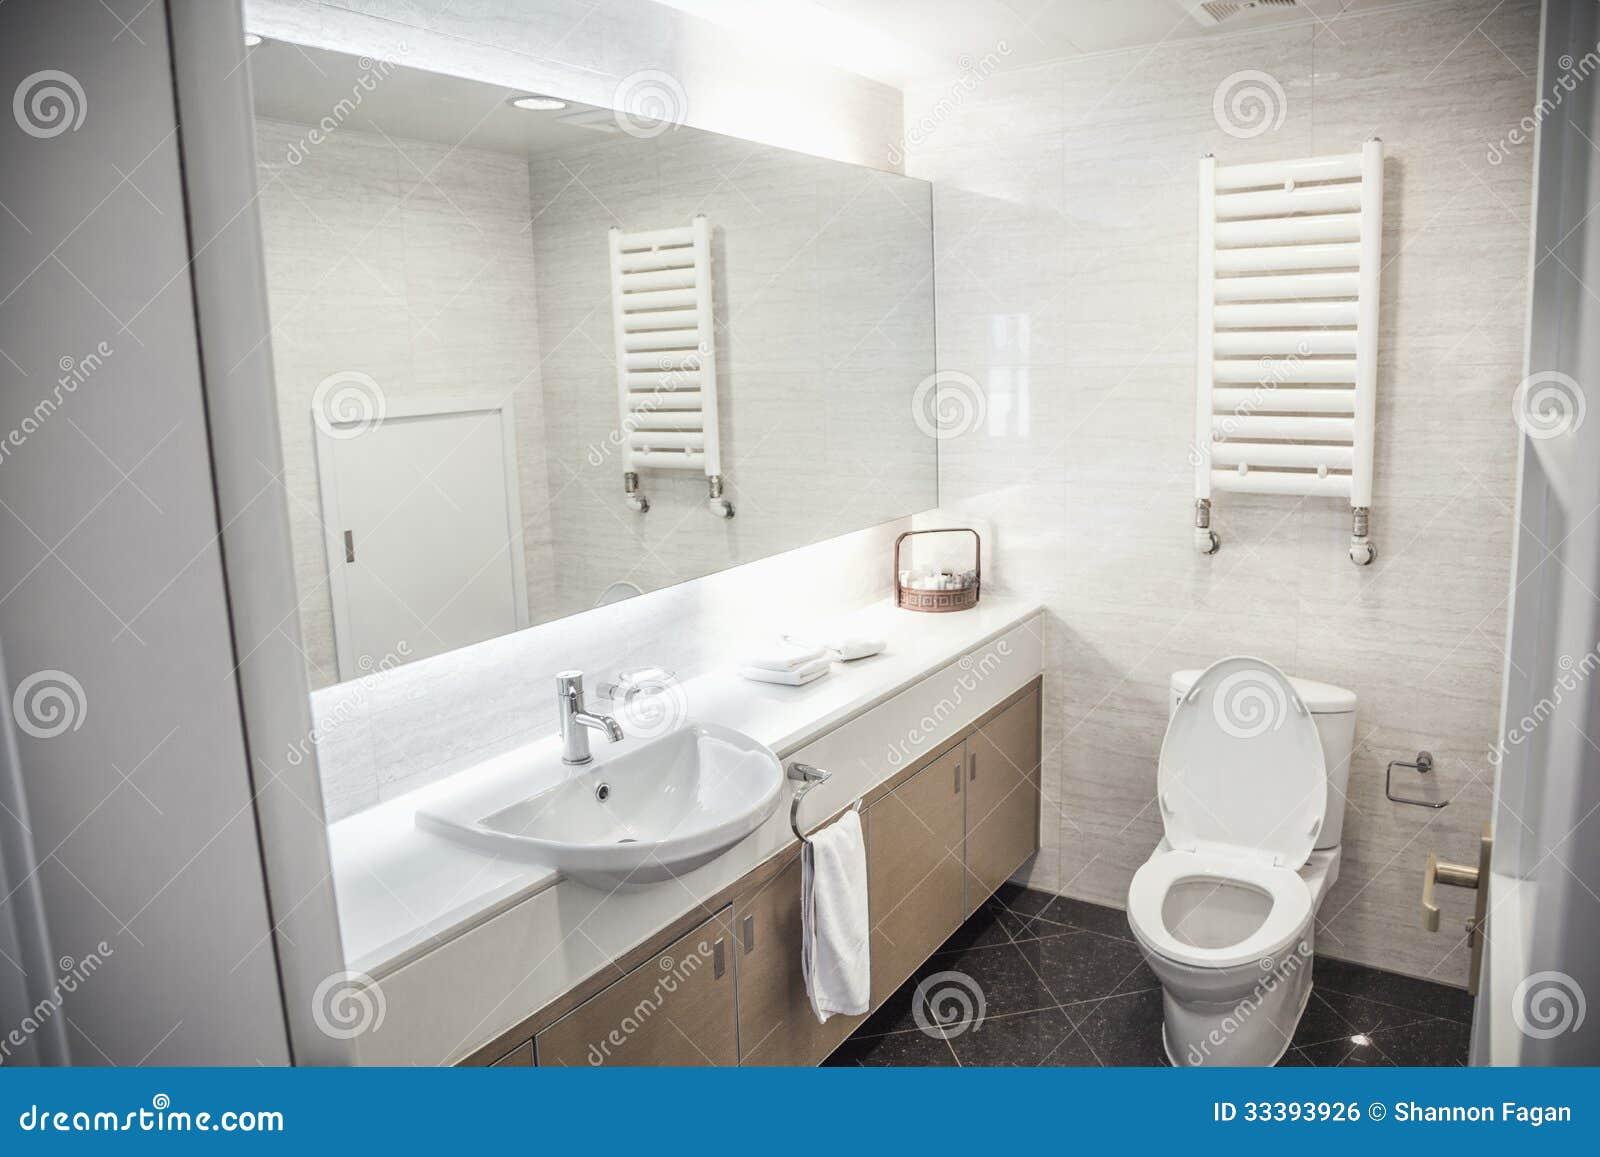 modern sauber badezimmer mit toilette und wanne. Black Bedroom Furniture Sets. Home Design Ideas